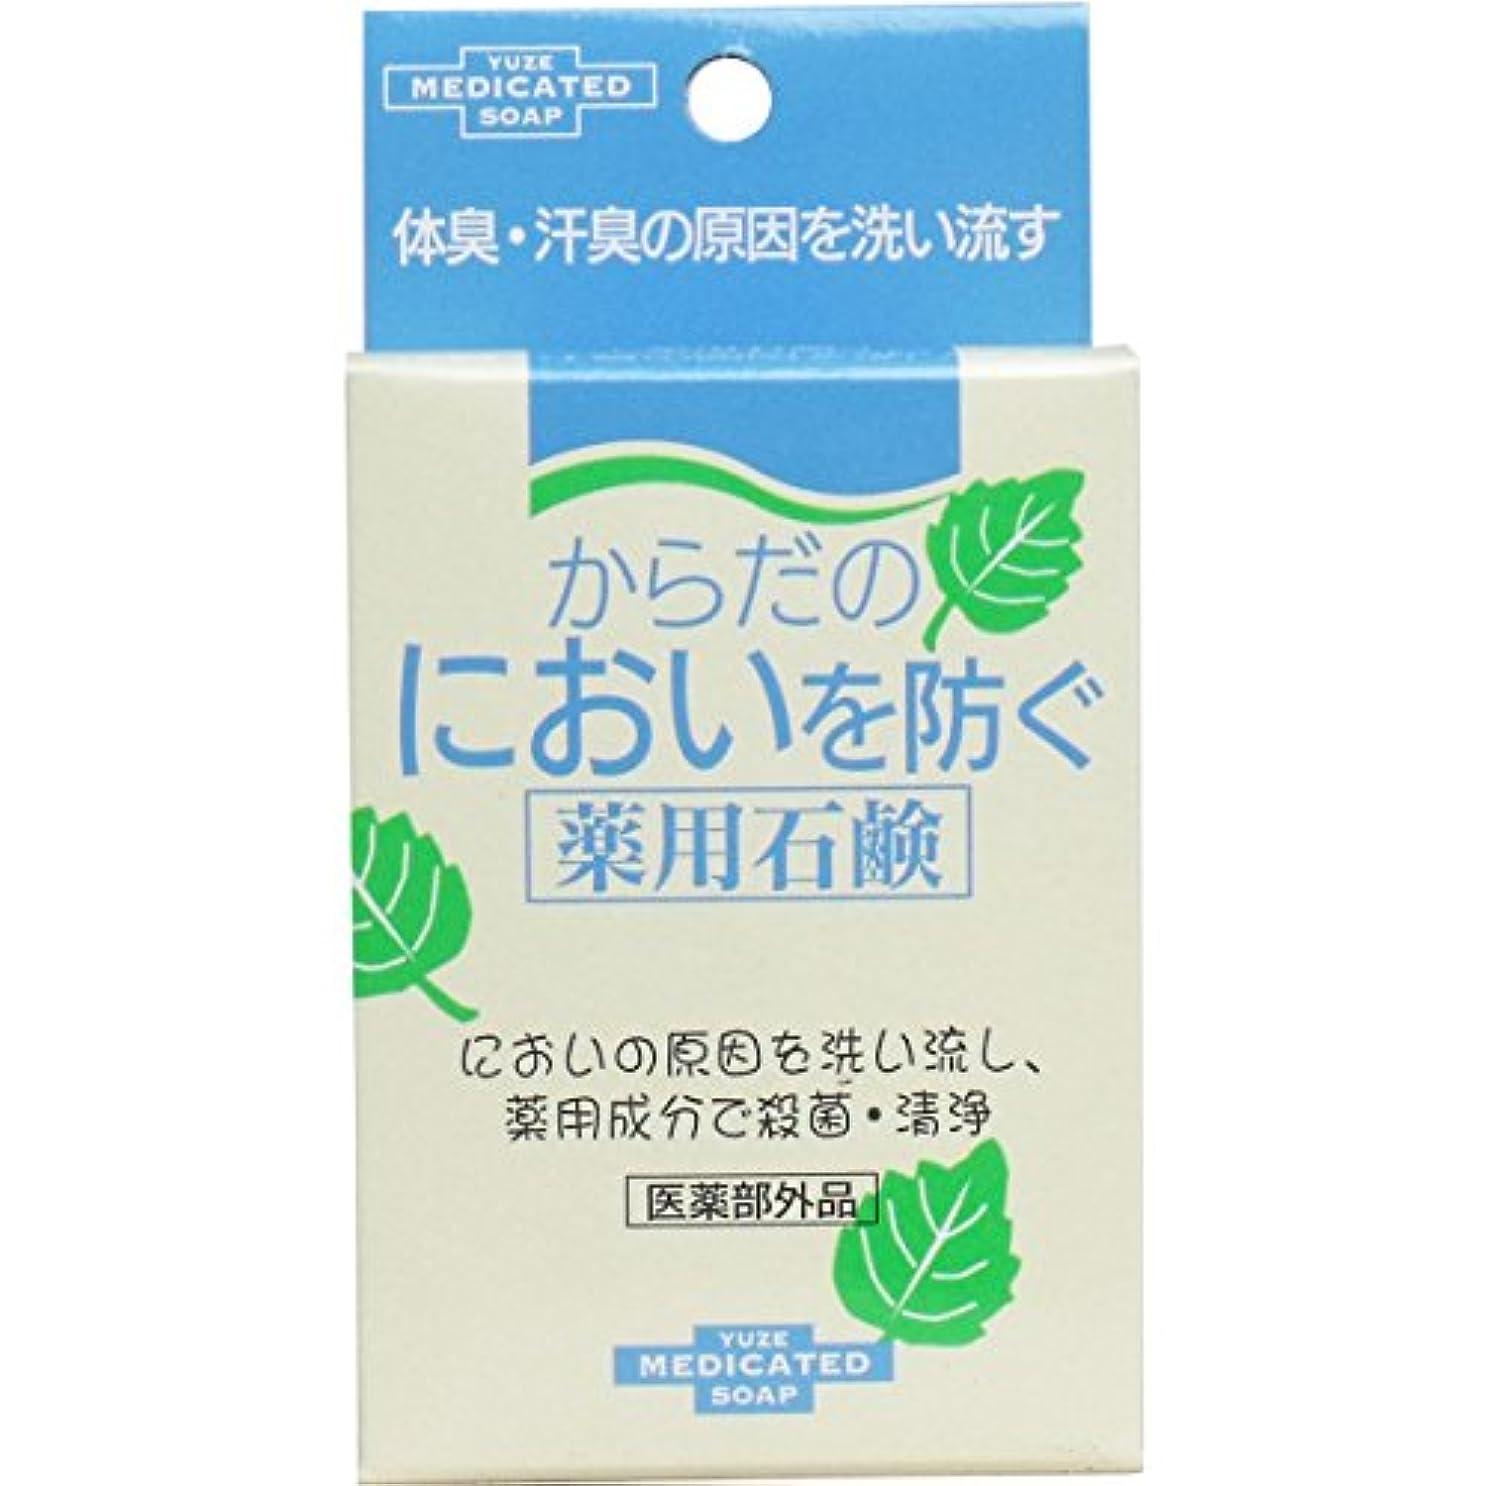 拒絶する有限代表するユゼ からだのにおいを防ぐ薬用石鹸 7セット